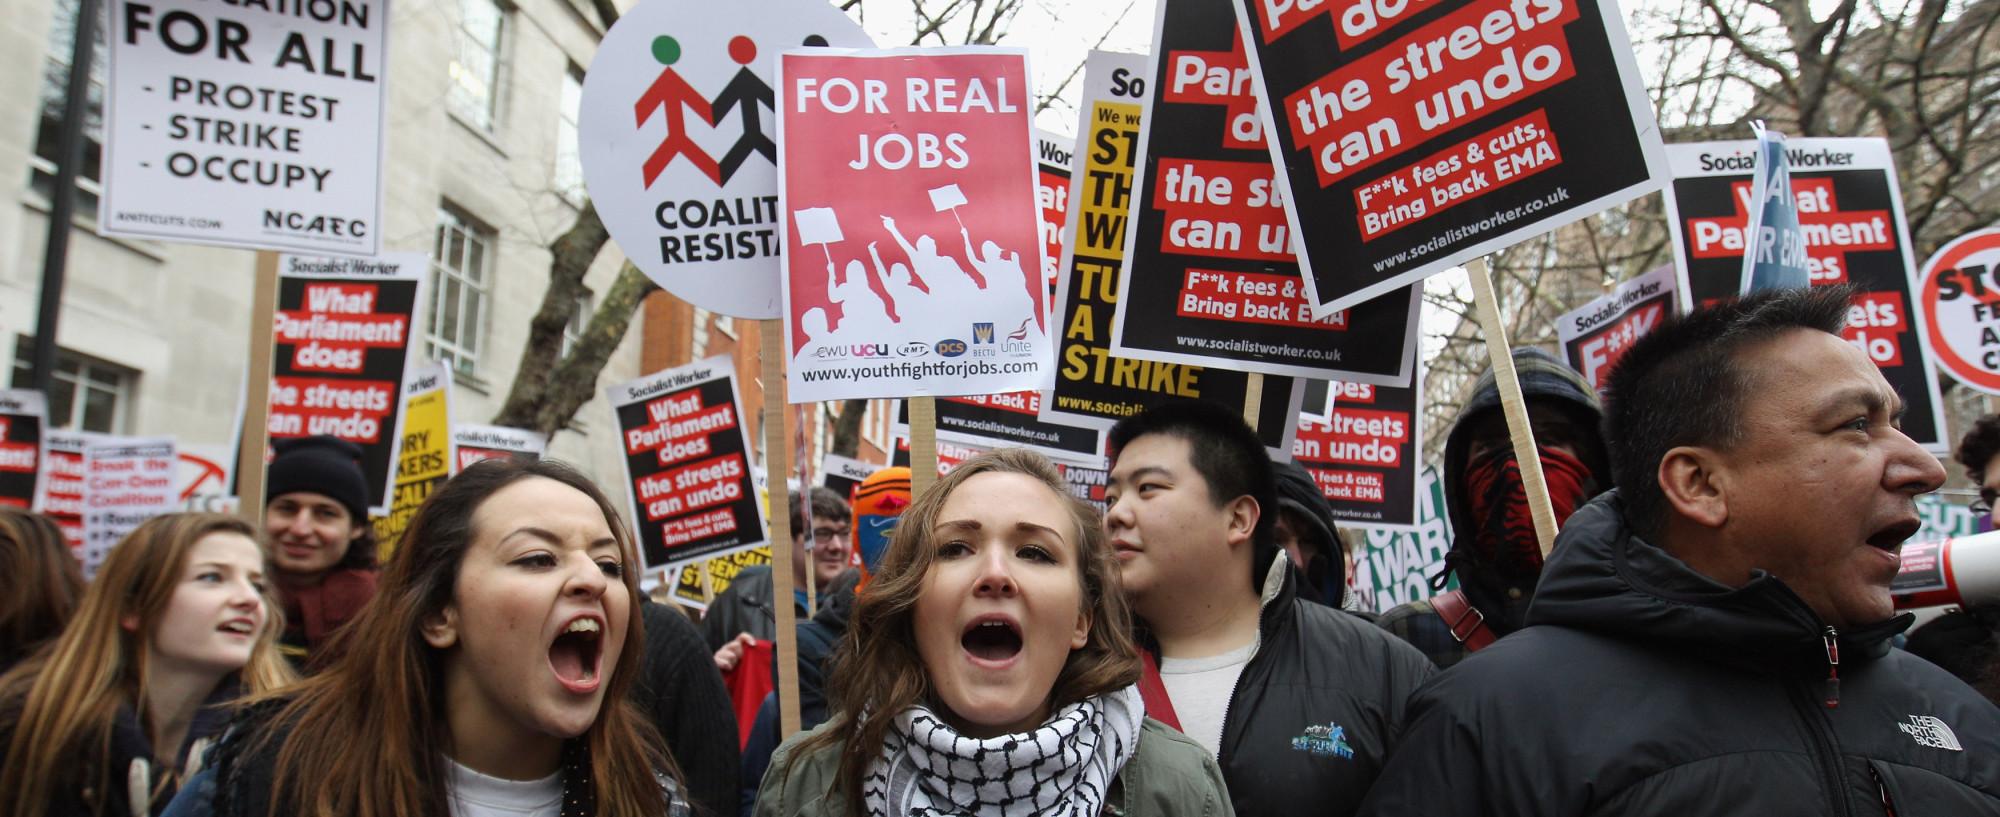 Etudiants protestants contre la hausse des frais de scolarité à la fin de l'année 2010. Crédit DR